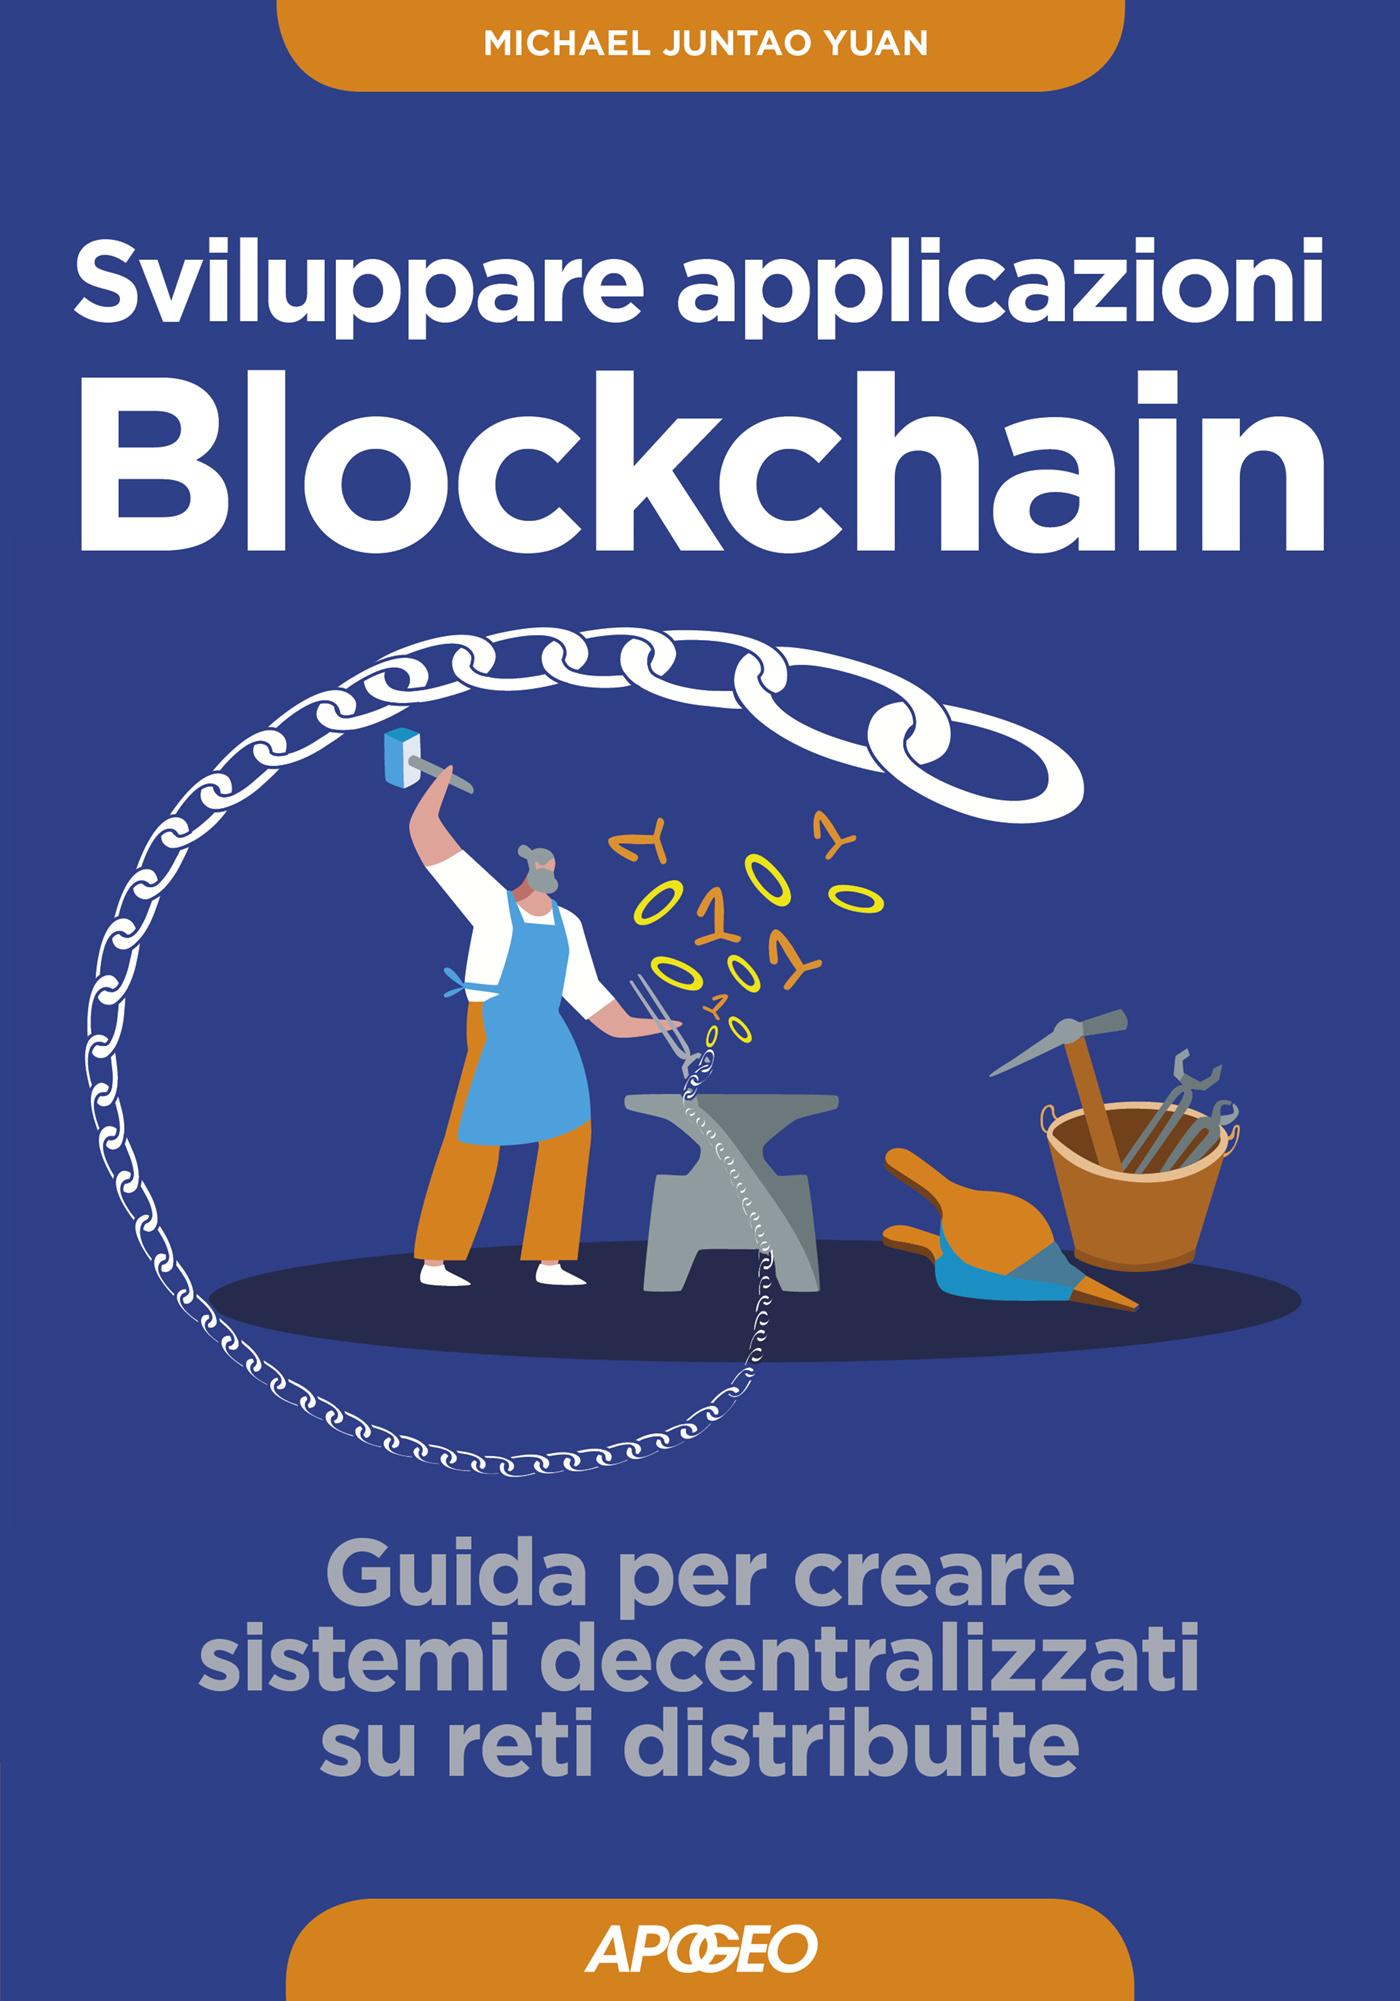 sviluppare-applicazioni-blockchain-michael-juntao-yuan